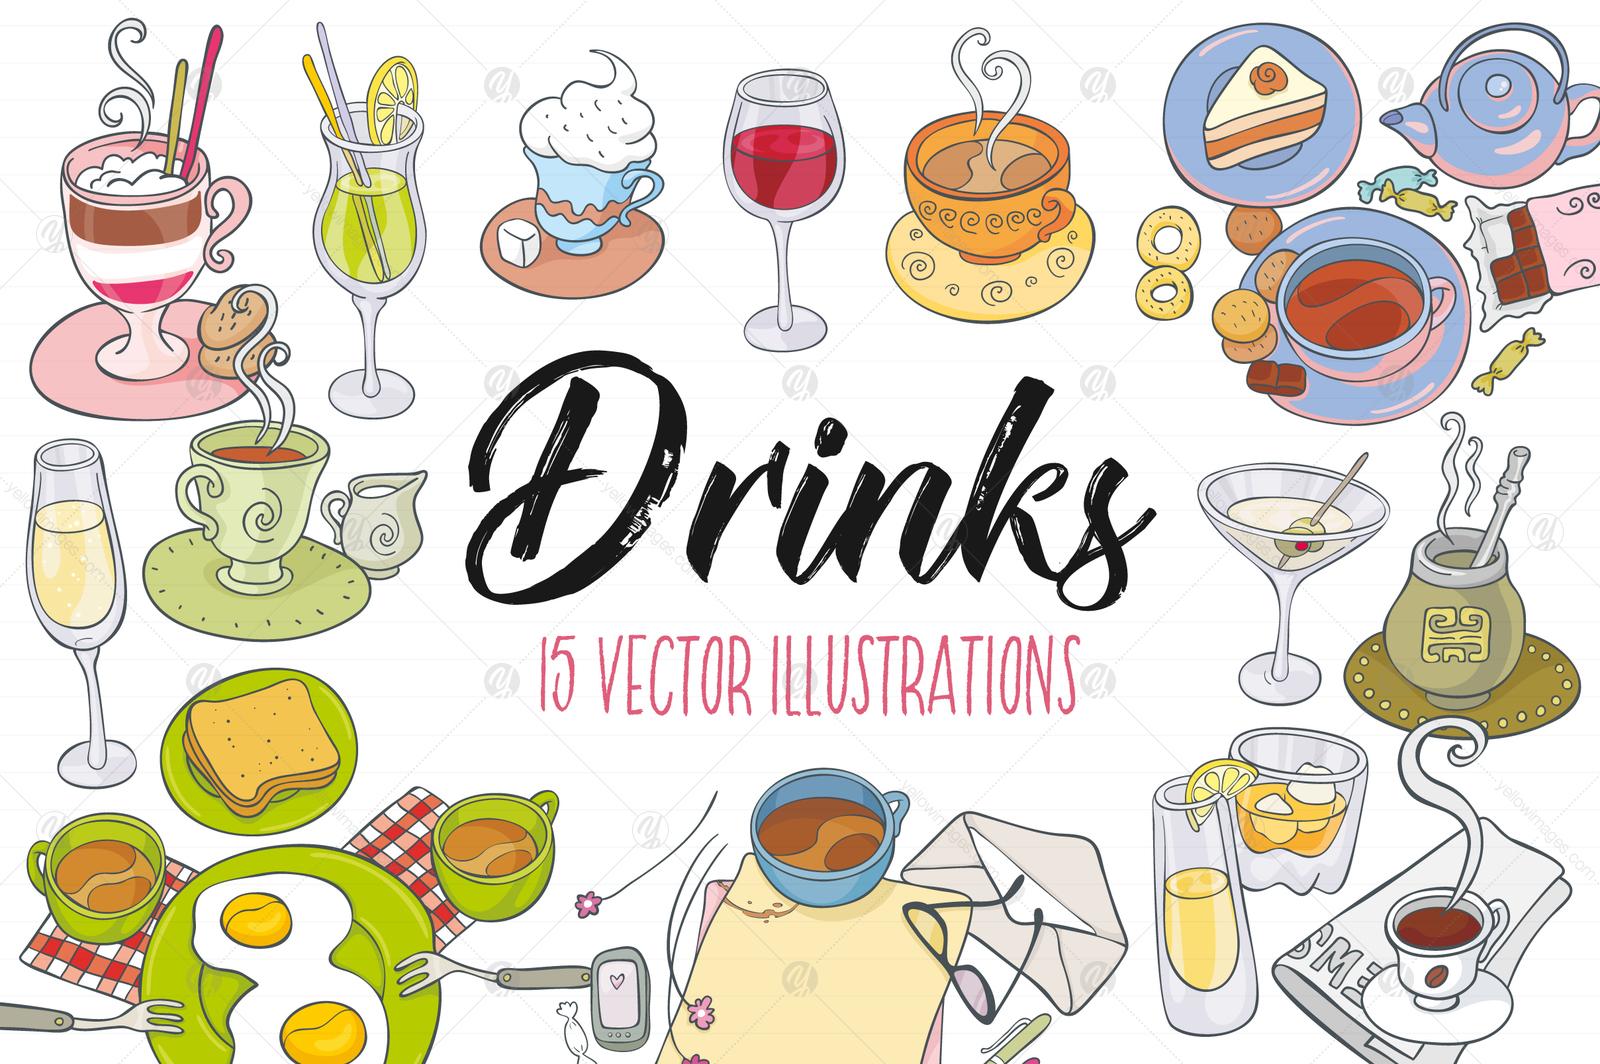 Drinks, Vector Illustrations